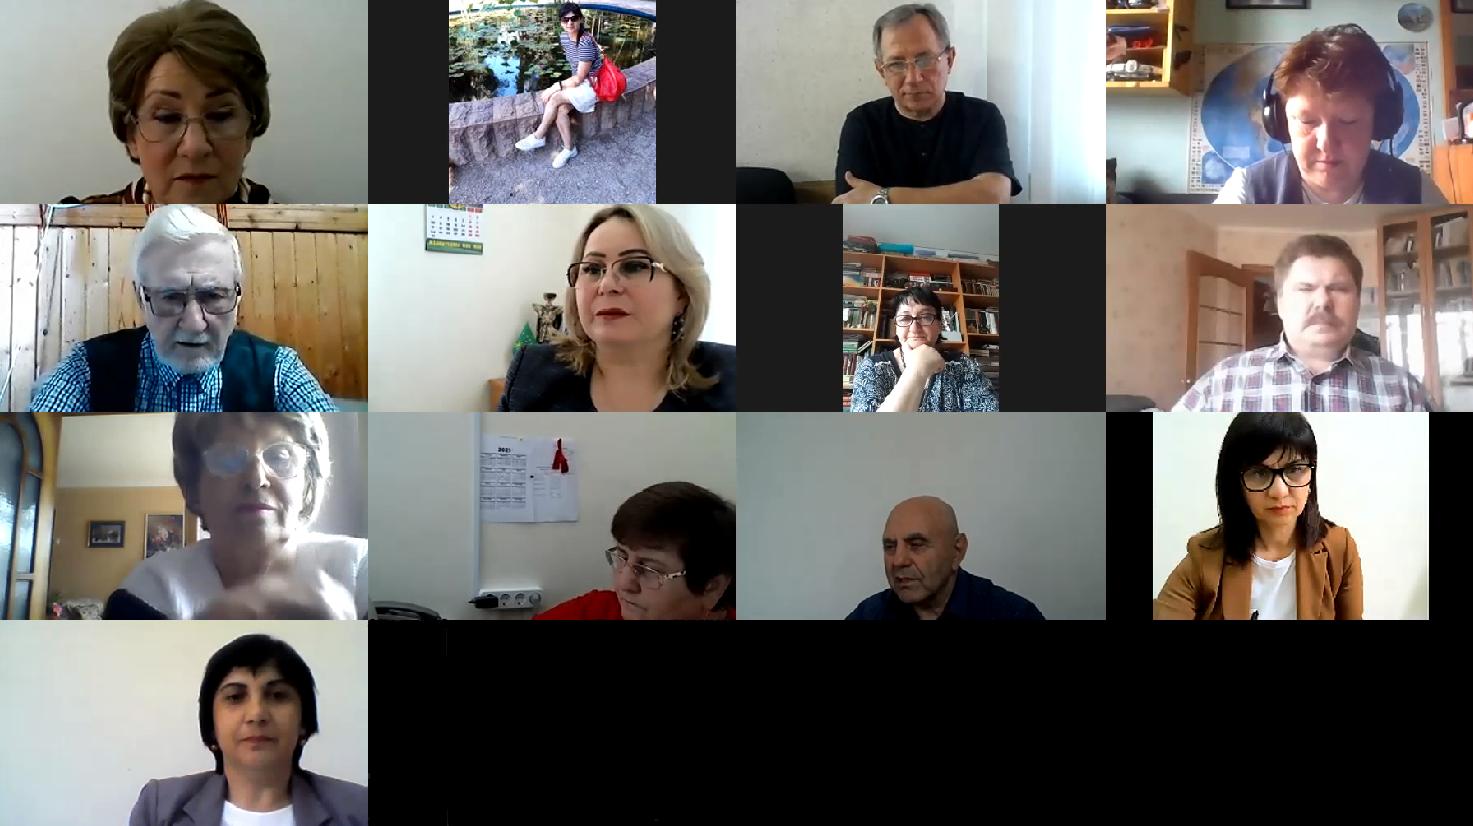 XIV региональные научные чтения с международным участием, посвященные Дню славянской письменности и культуры